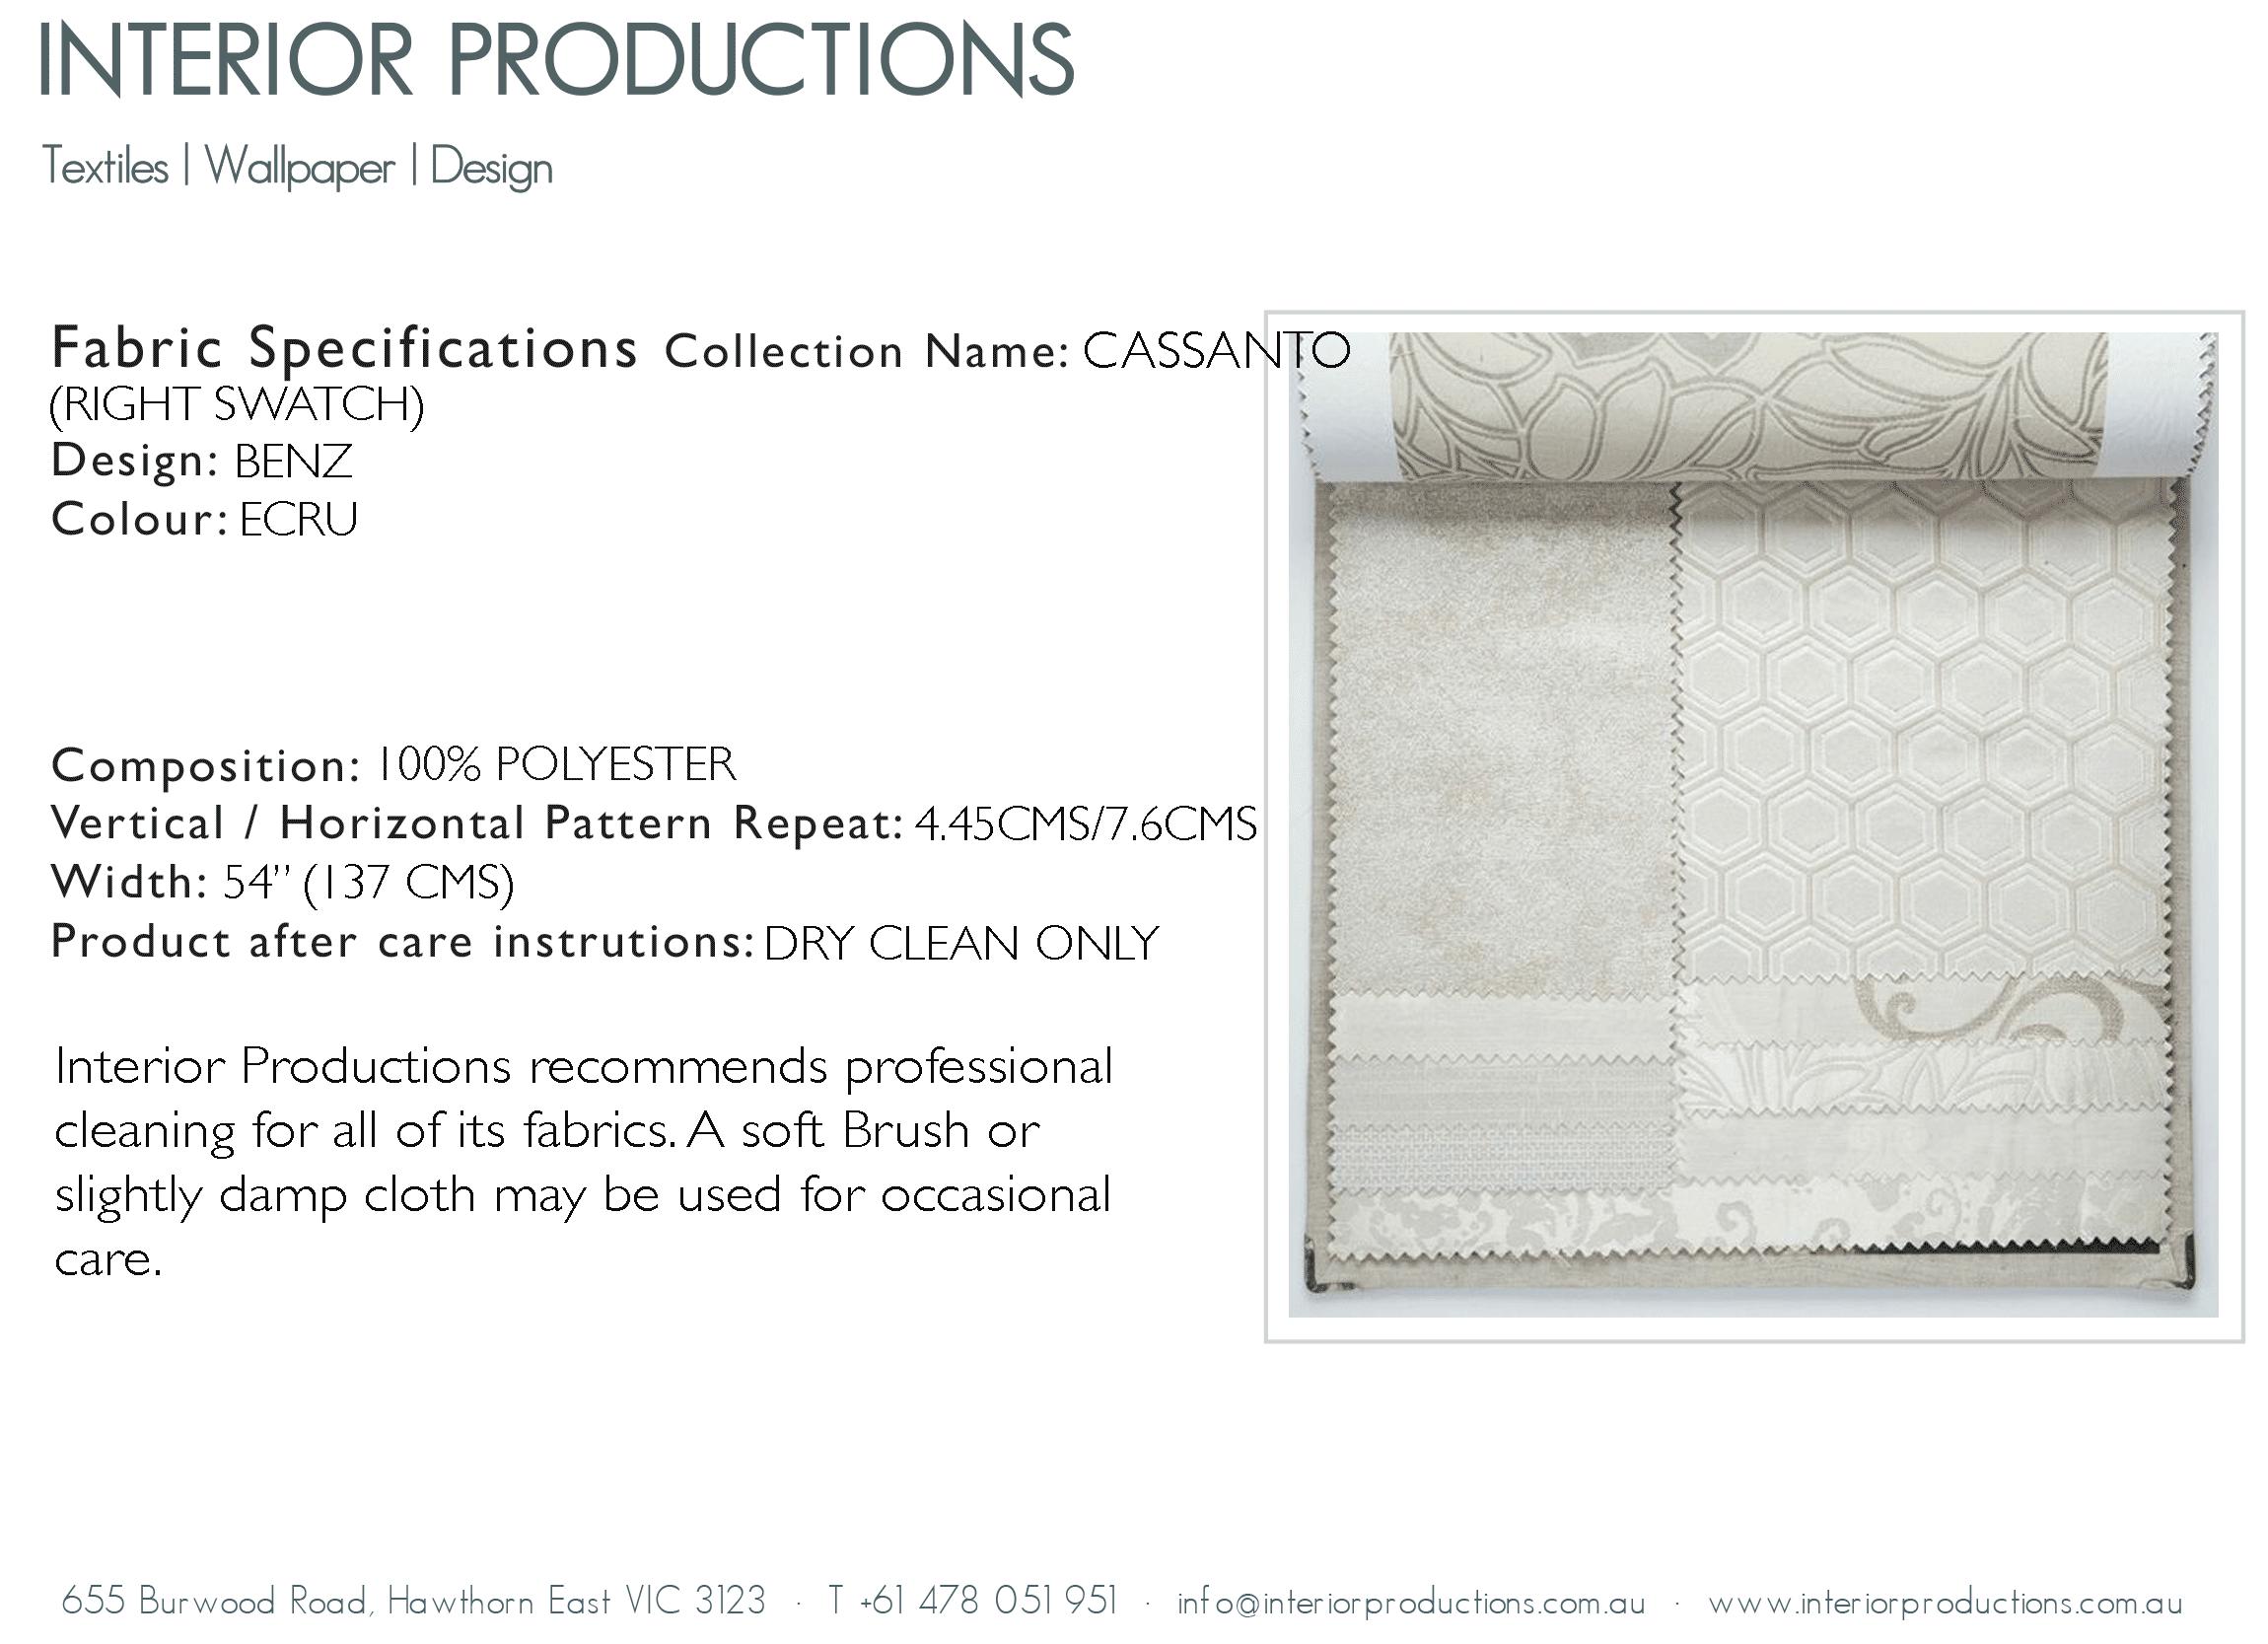 interior_productions_BENZ---ECRU